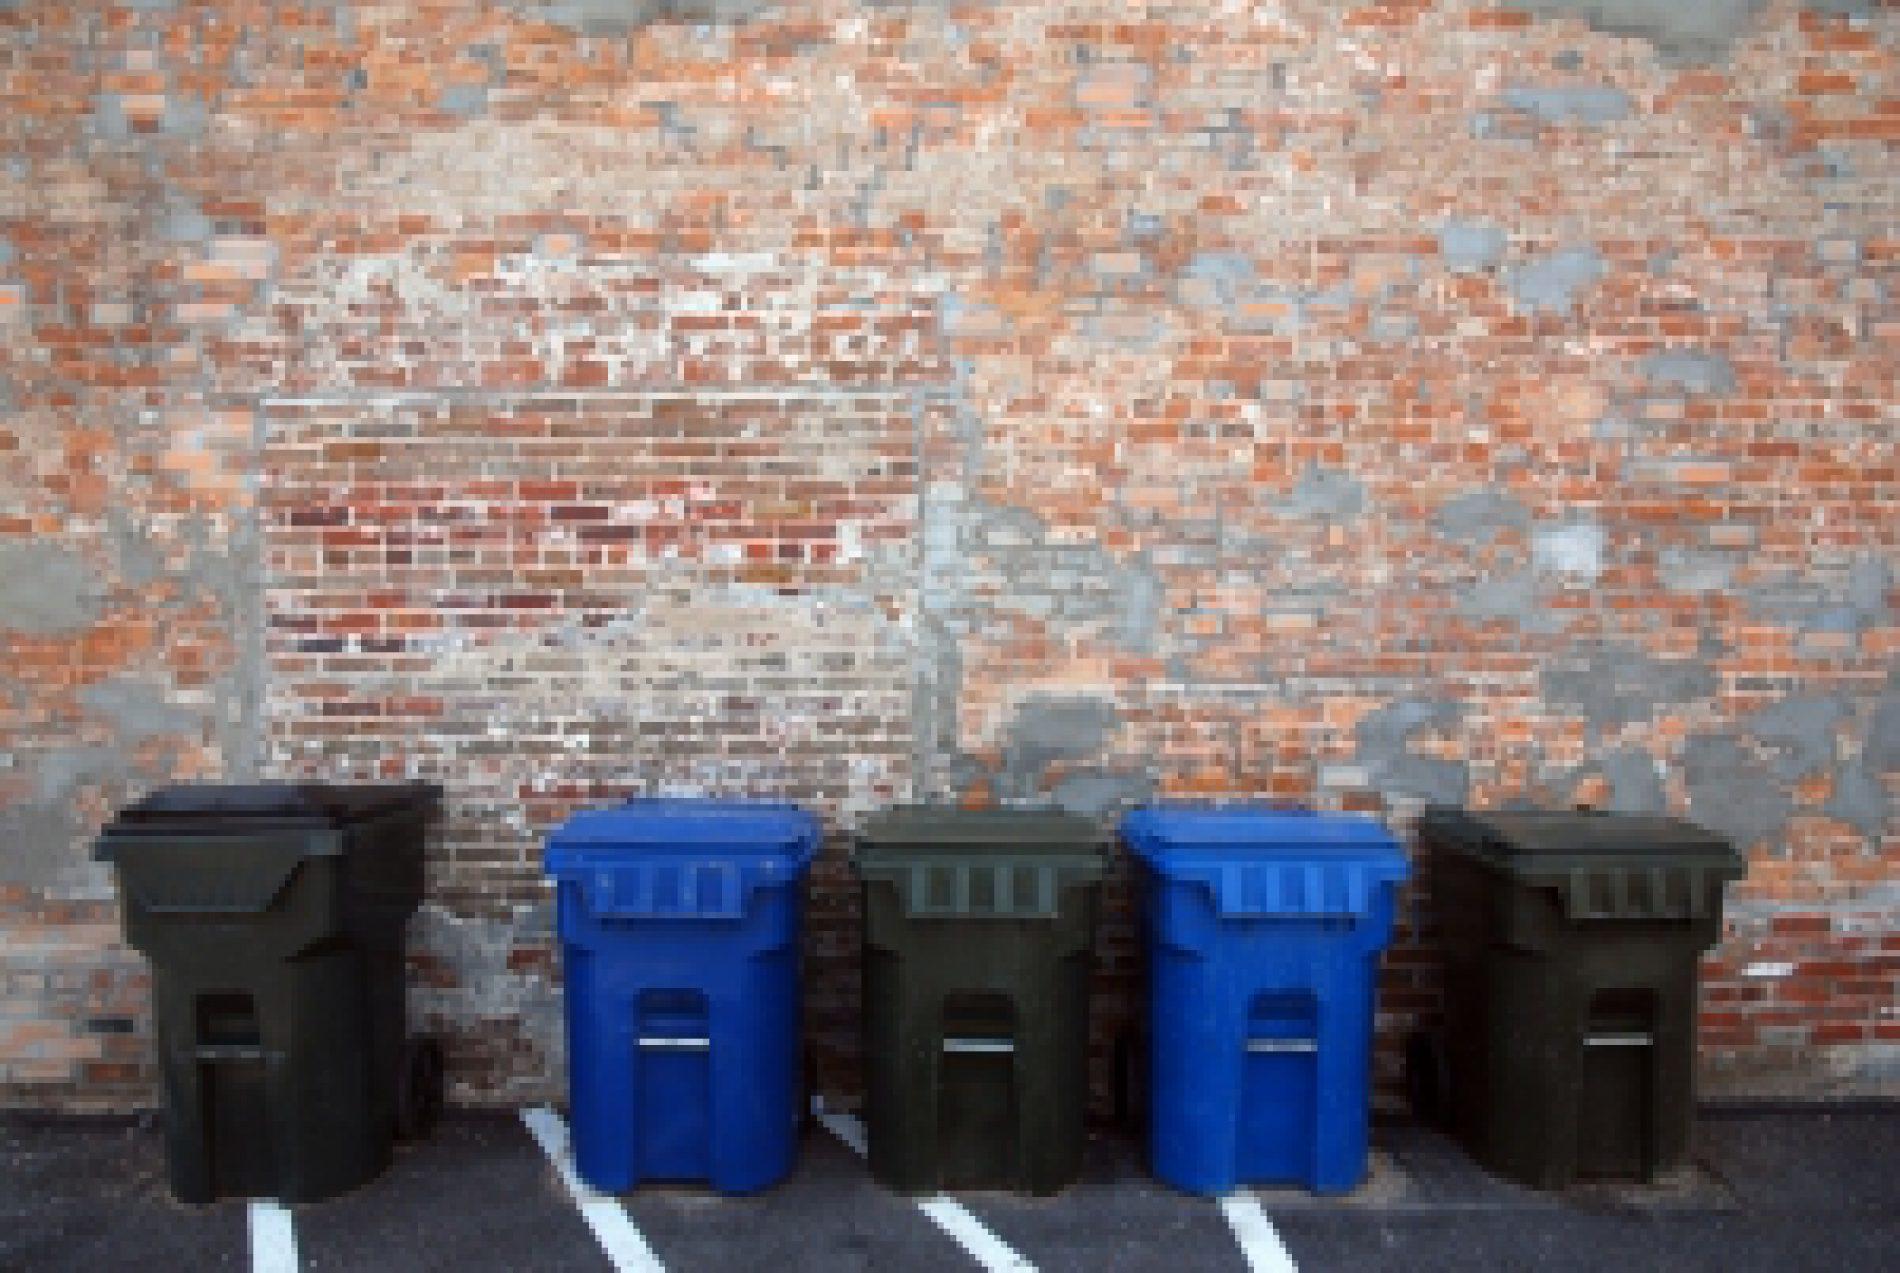 Od wczoraj obowiązują dwukrotnie wyższe stawki za wywóz odpadów